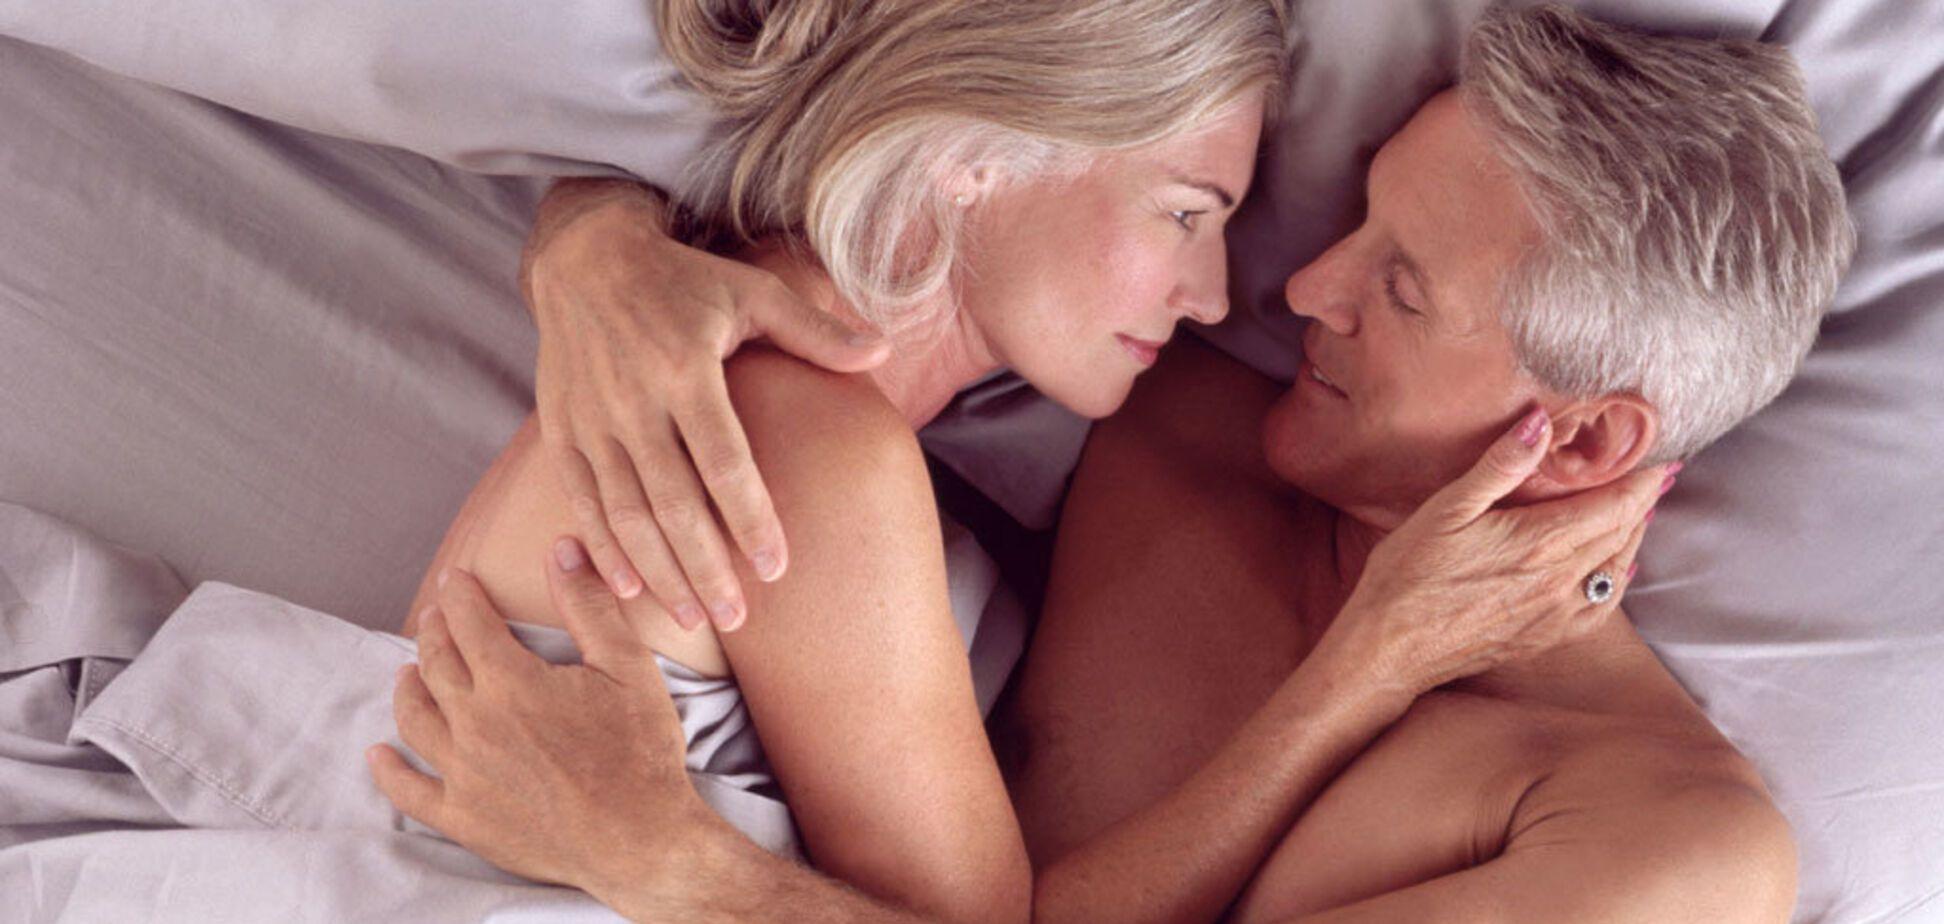 Секс после 40: о чем молчат мужчины